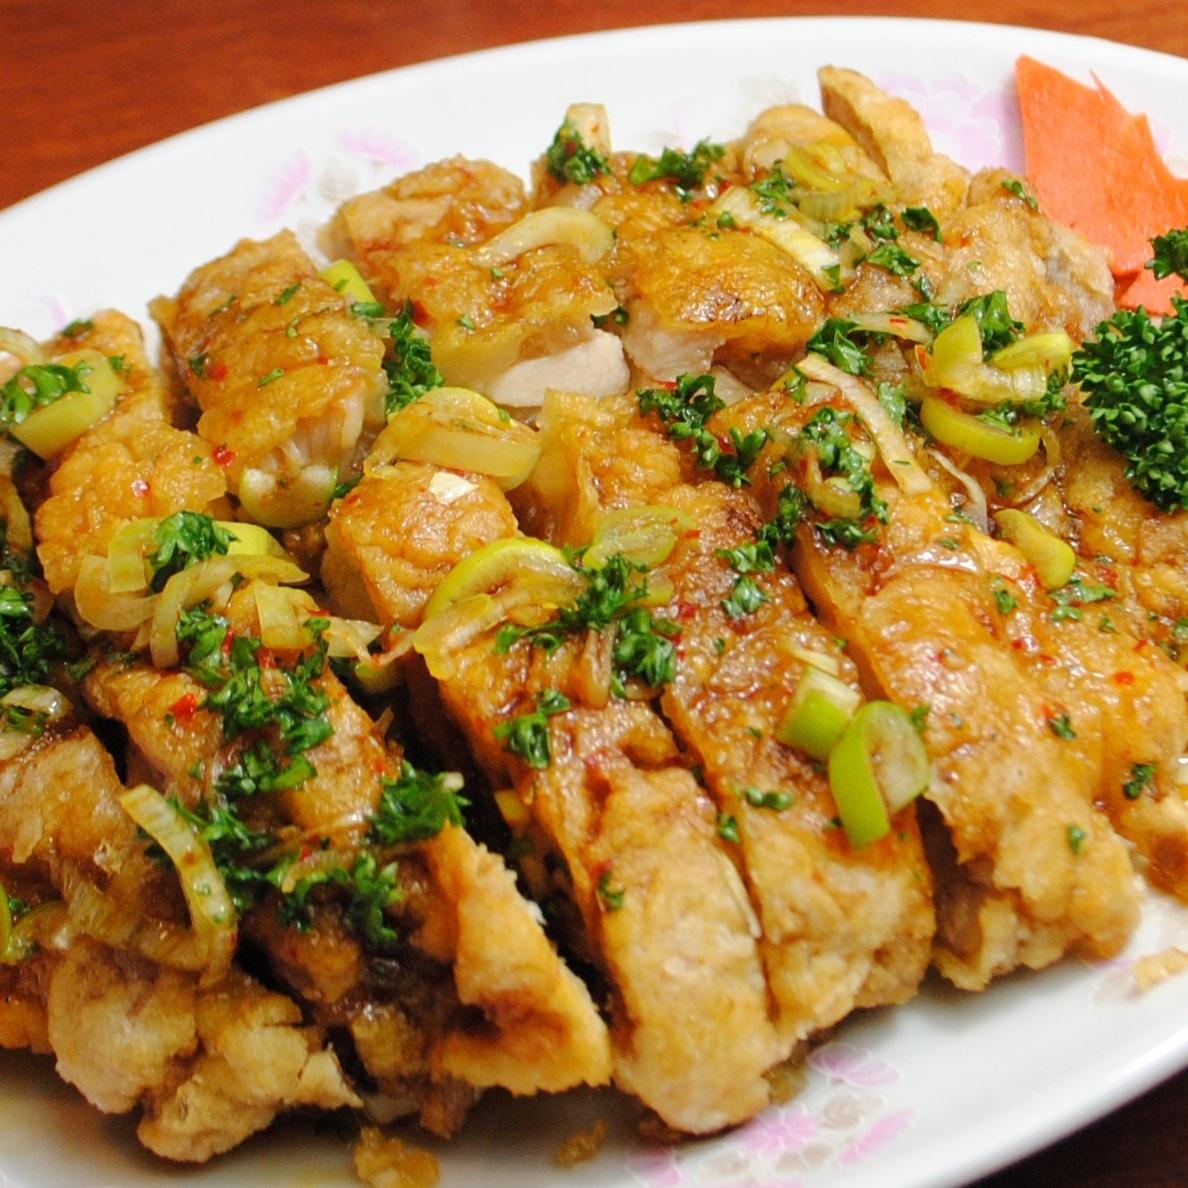 ユーリンジー(油淋鶏)/鶏肉の香味揚げの唐辛子炒め